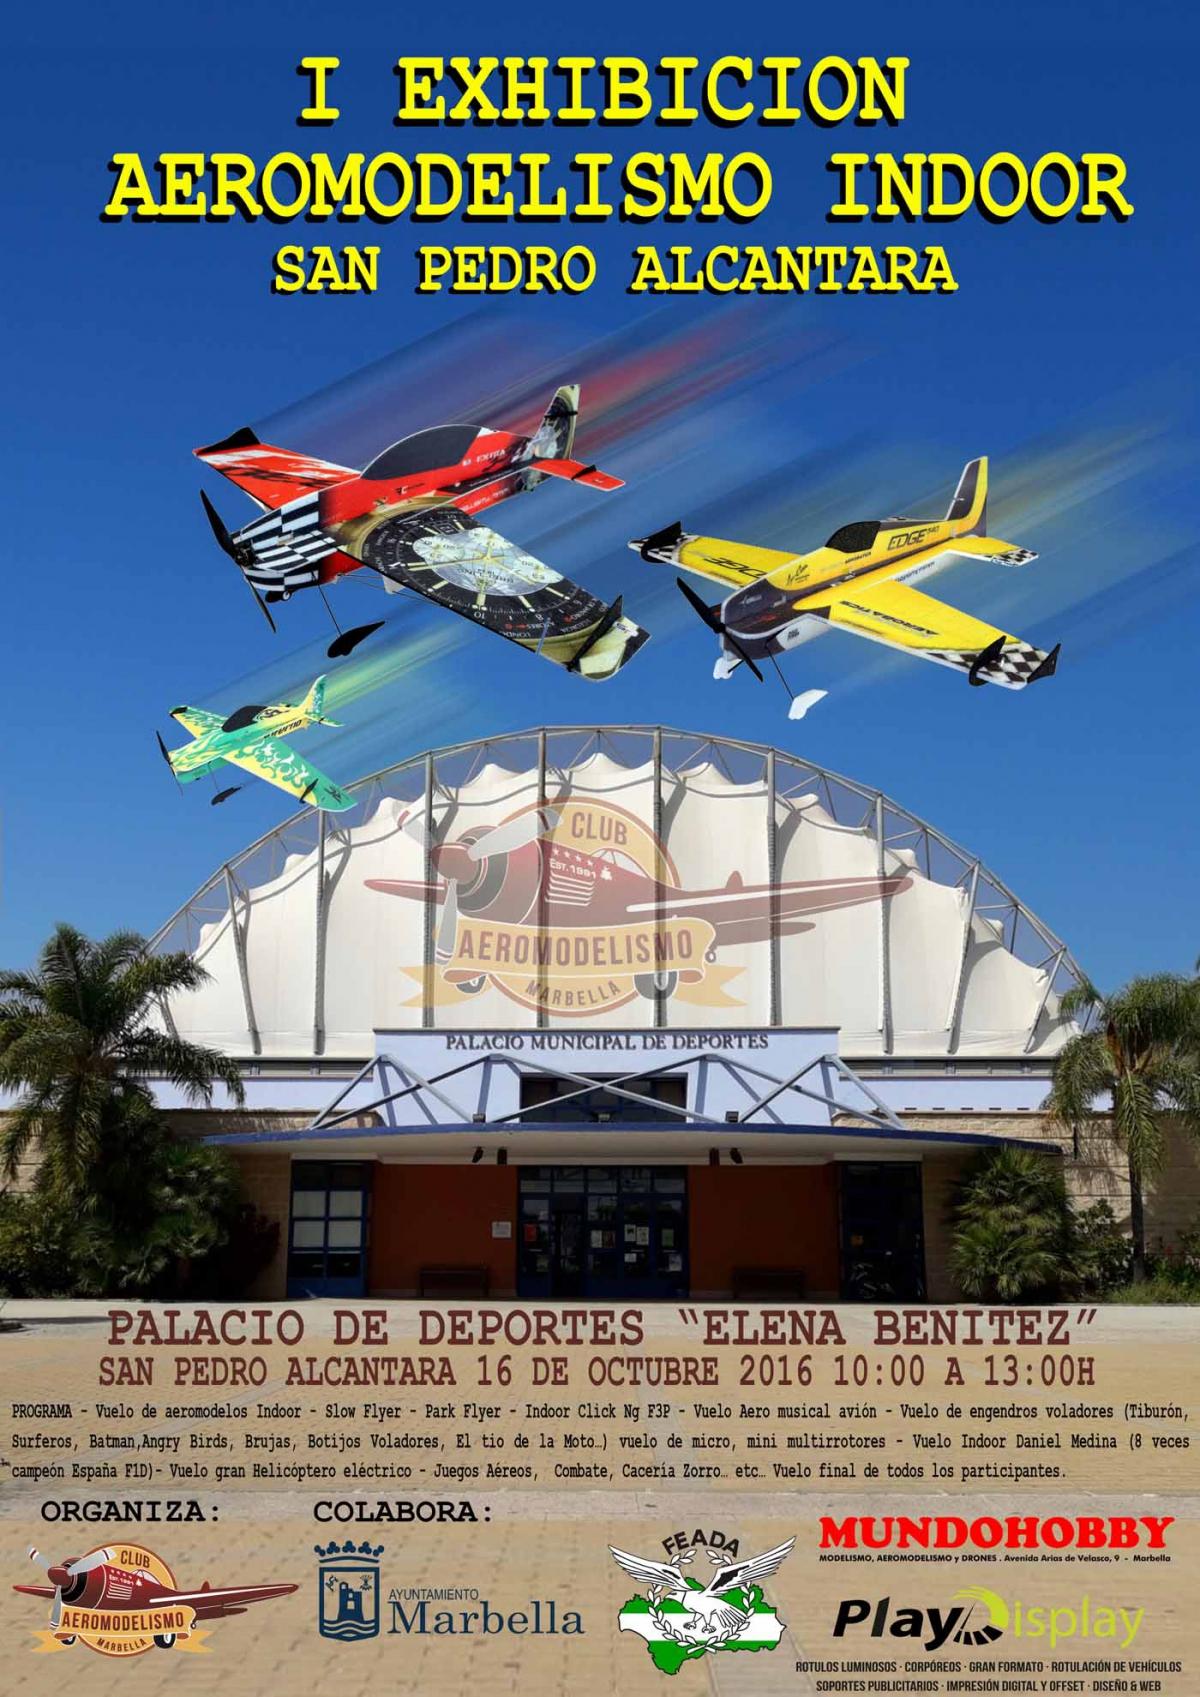 El Palacio de Deportes 'Elena Benítez' acogerá este domingo la I Exhibición de Aeromodelismo de San Pedro Alcántara